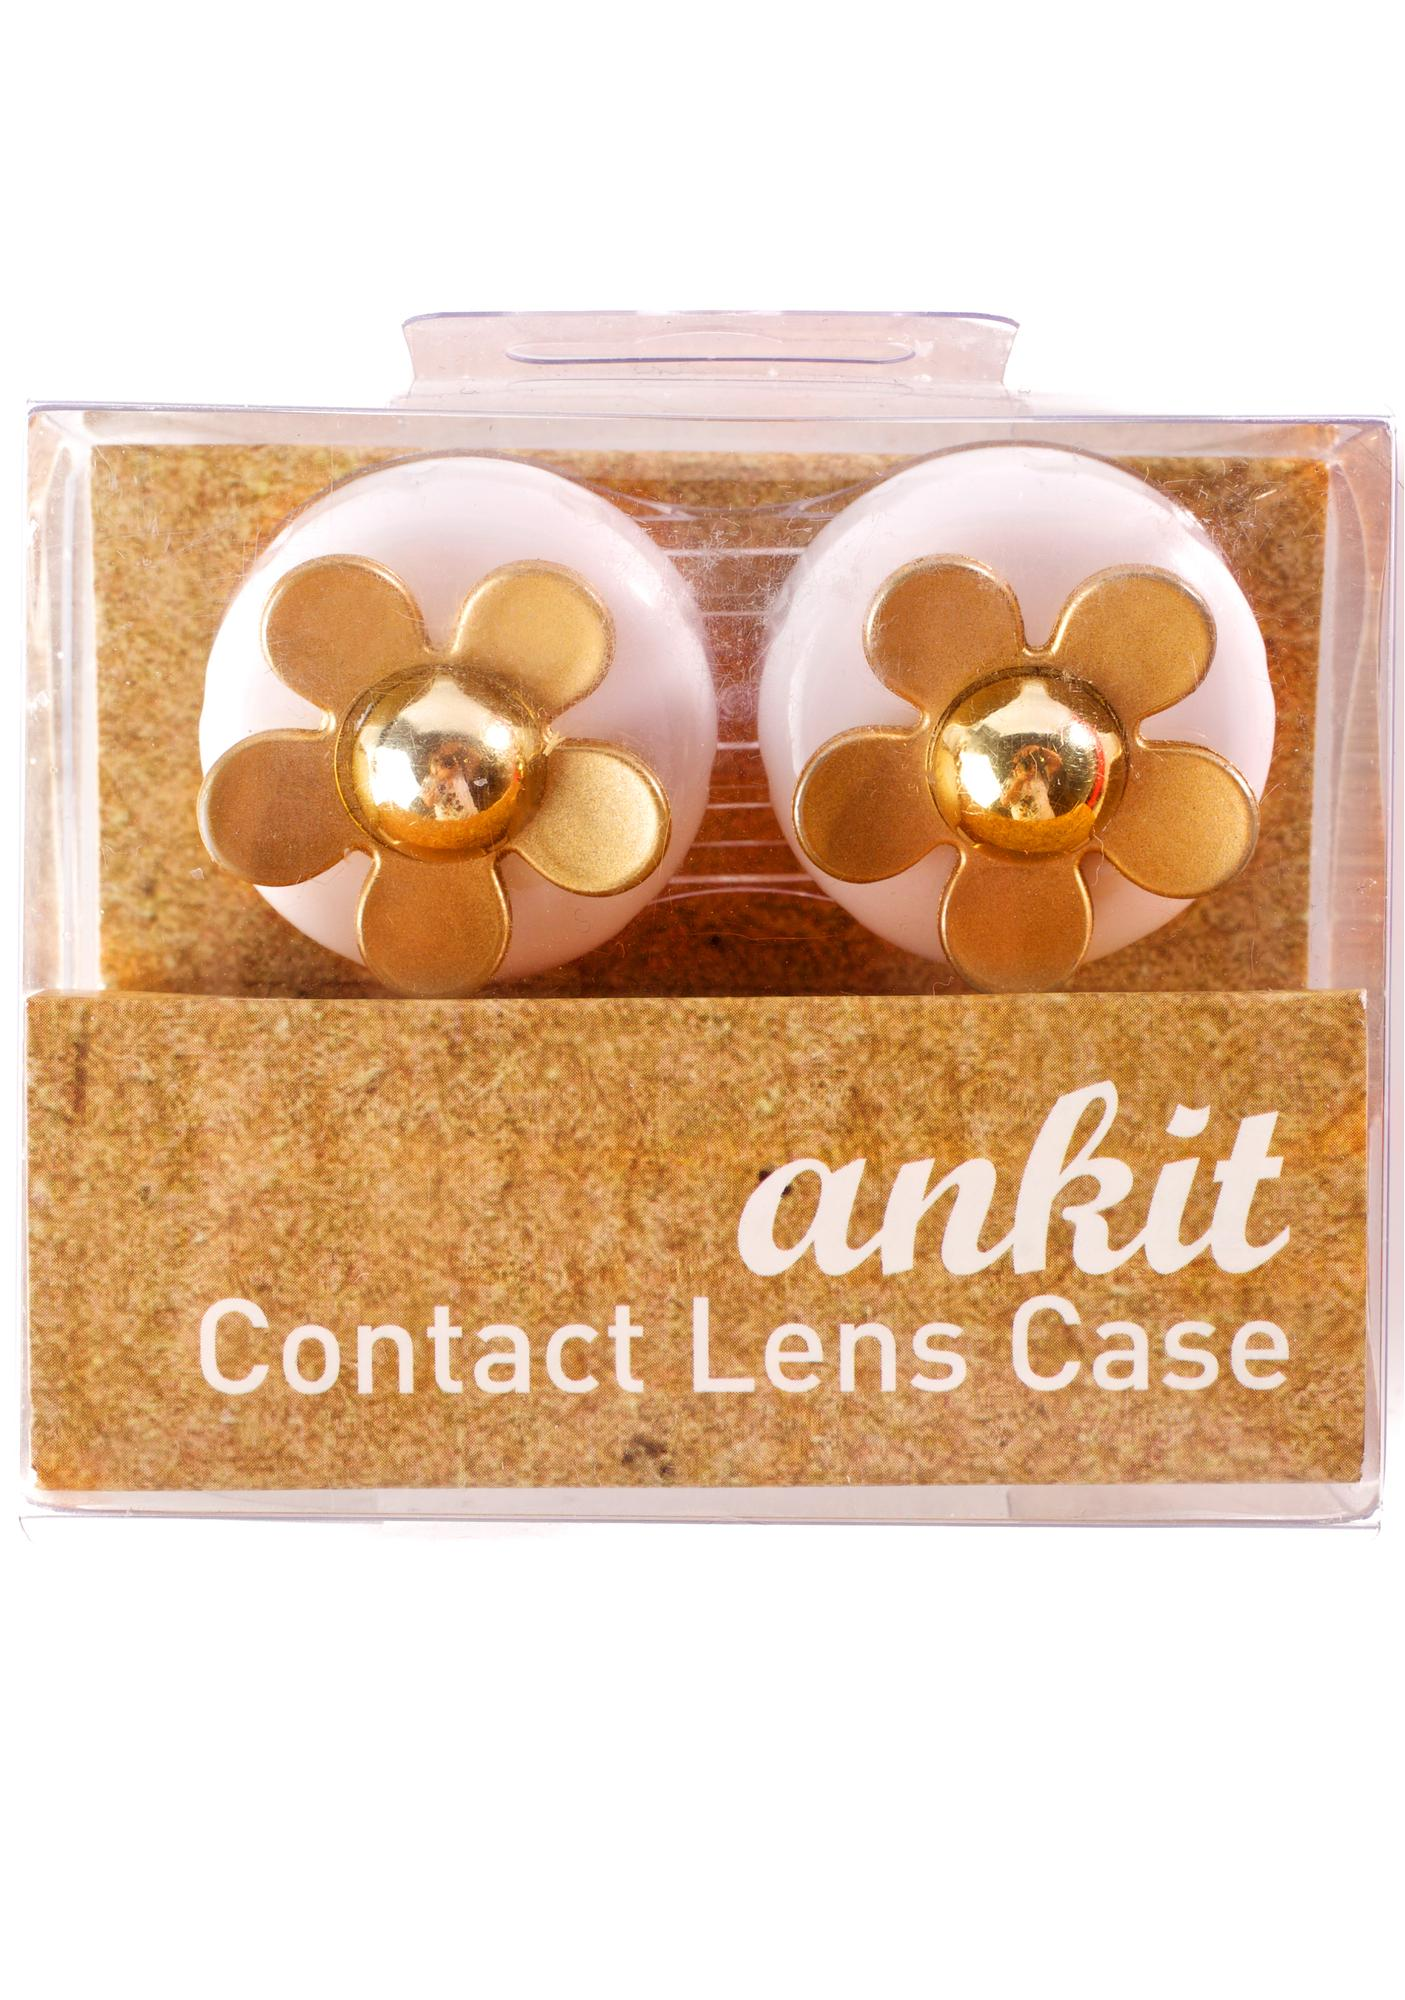 Dottie Contact Lens Case